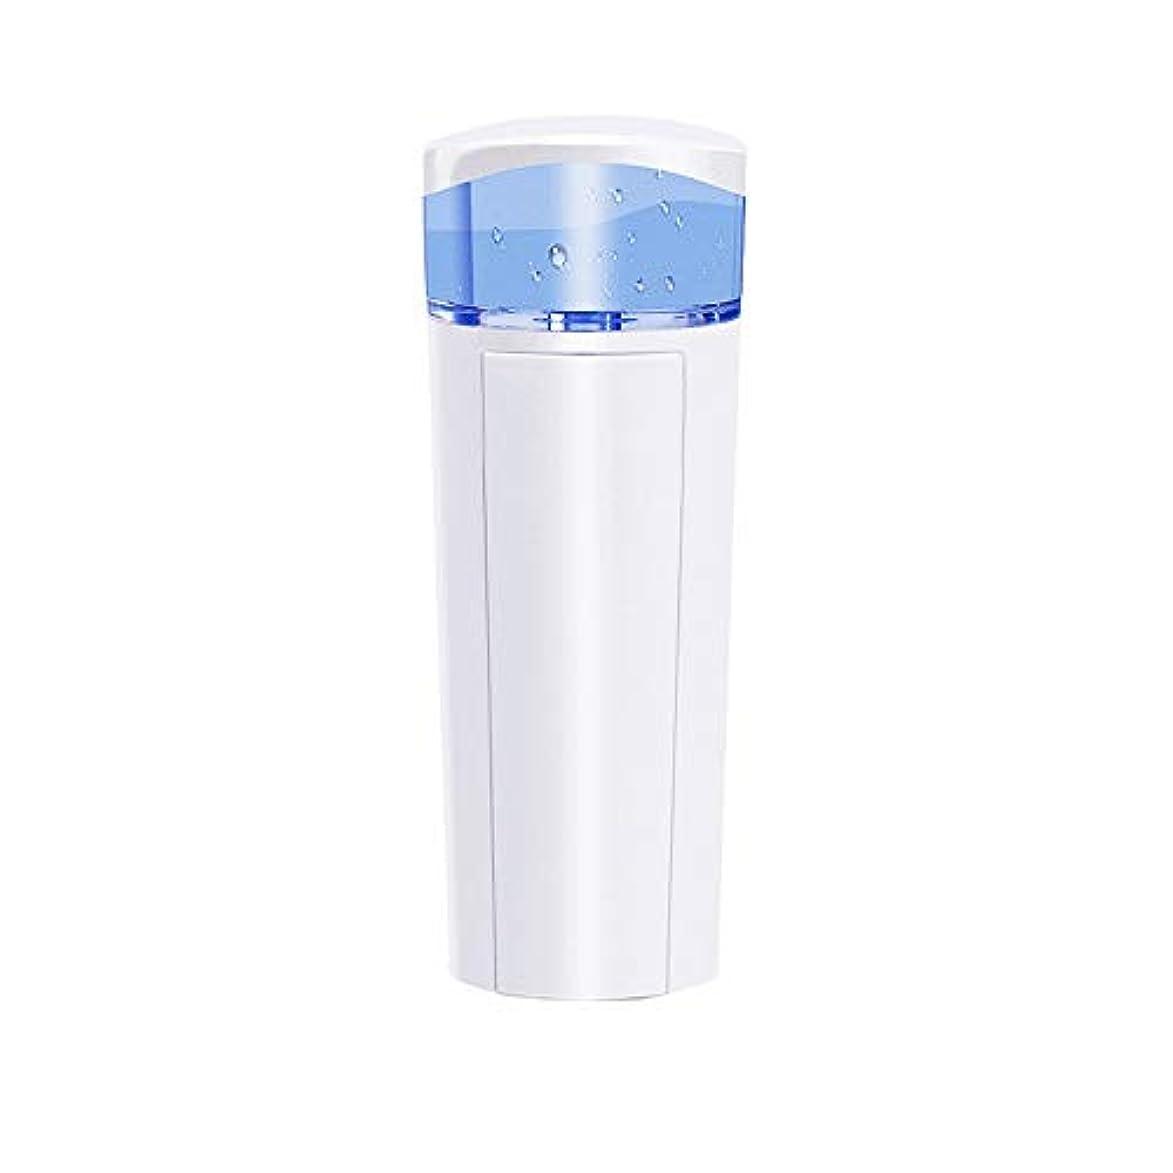 廃止常に原始的なZXF 充電宝物機能付き新しいナノ水道メータースプレー美容機器ABS素材ホワイト 滑らかである